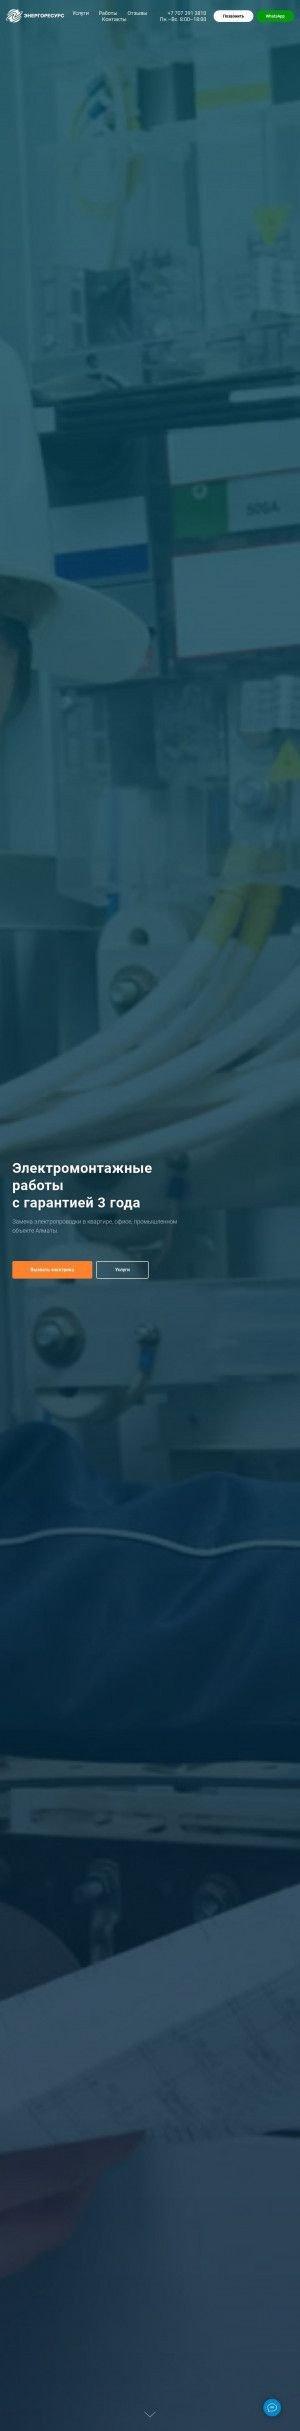 Предпросмотр для energo-resurs.kz — Энерго-Ресурс